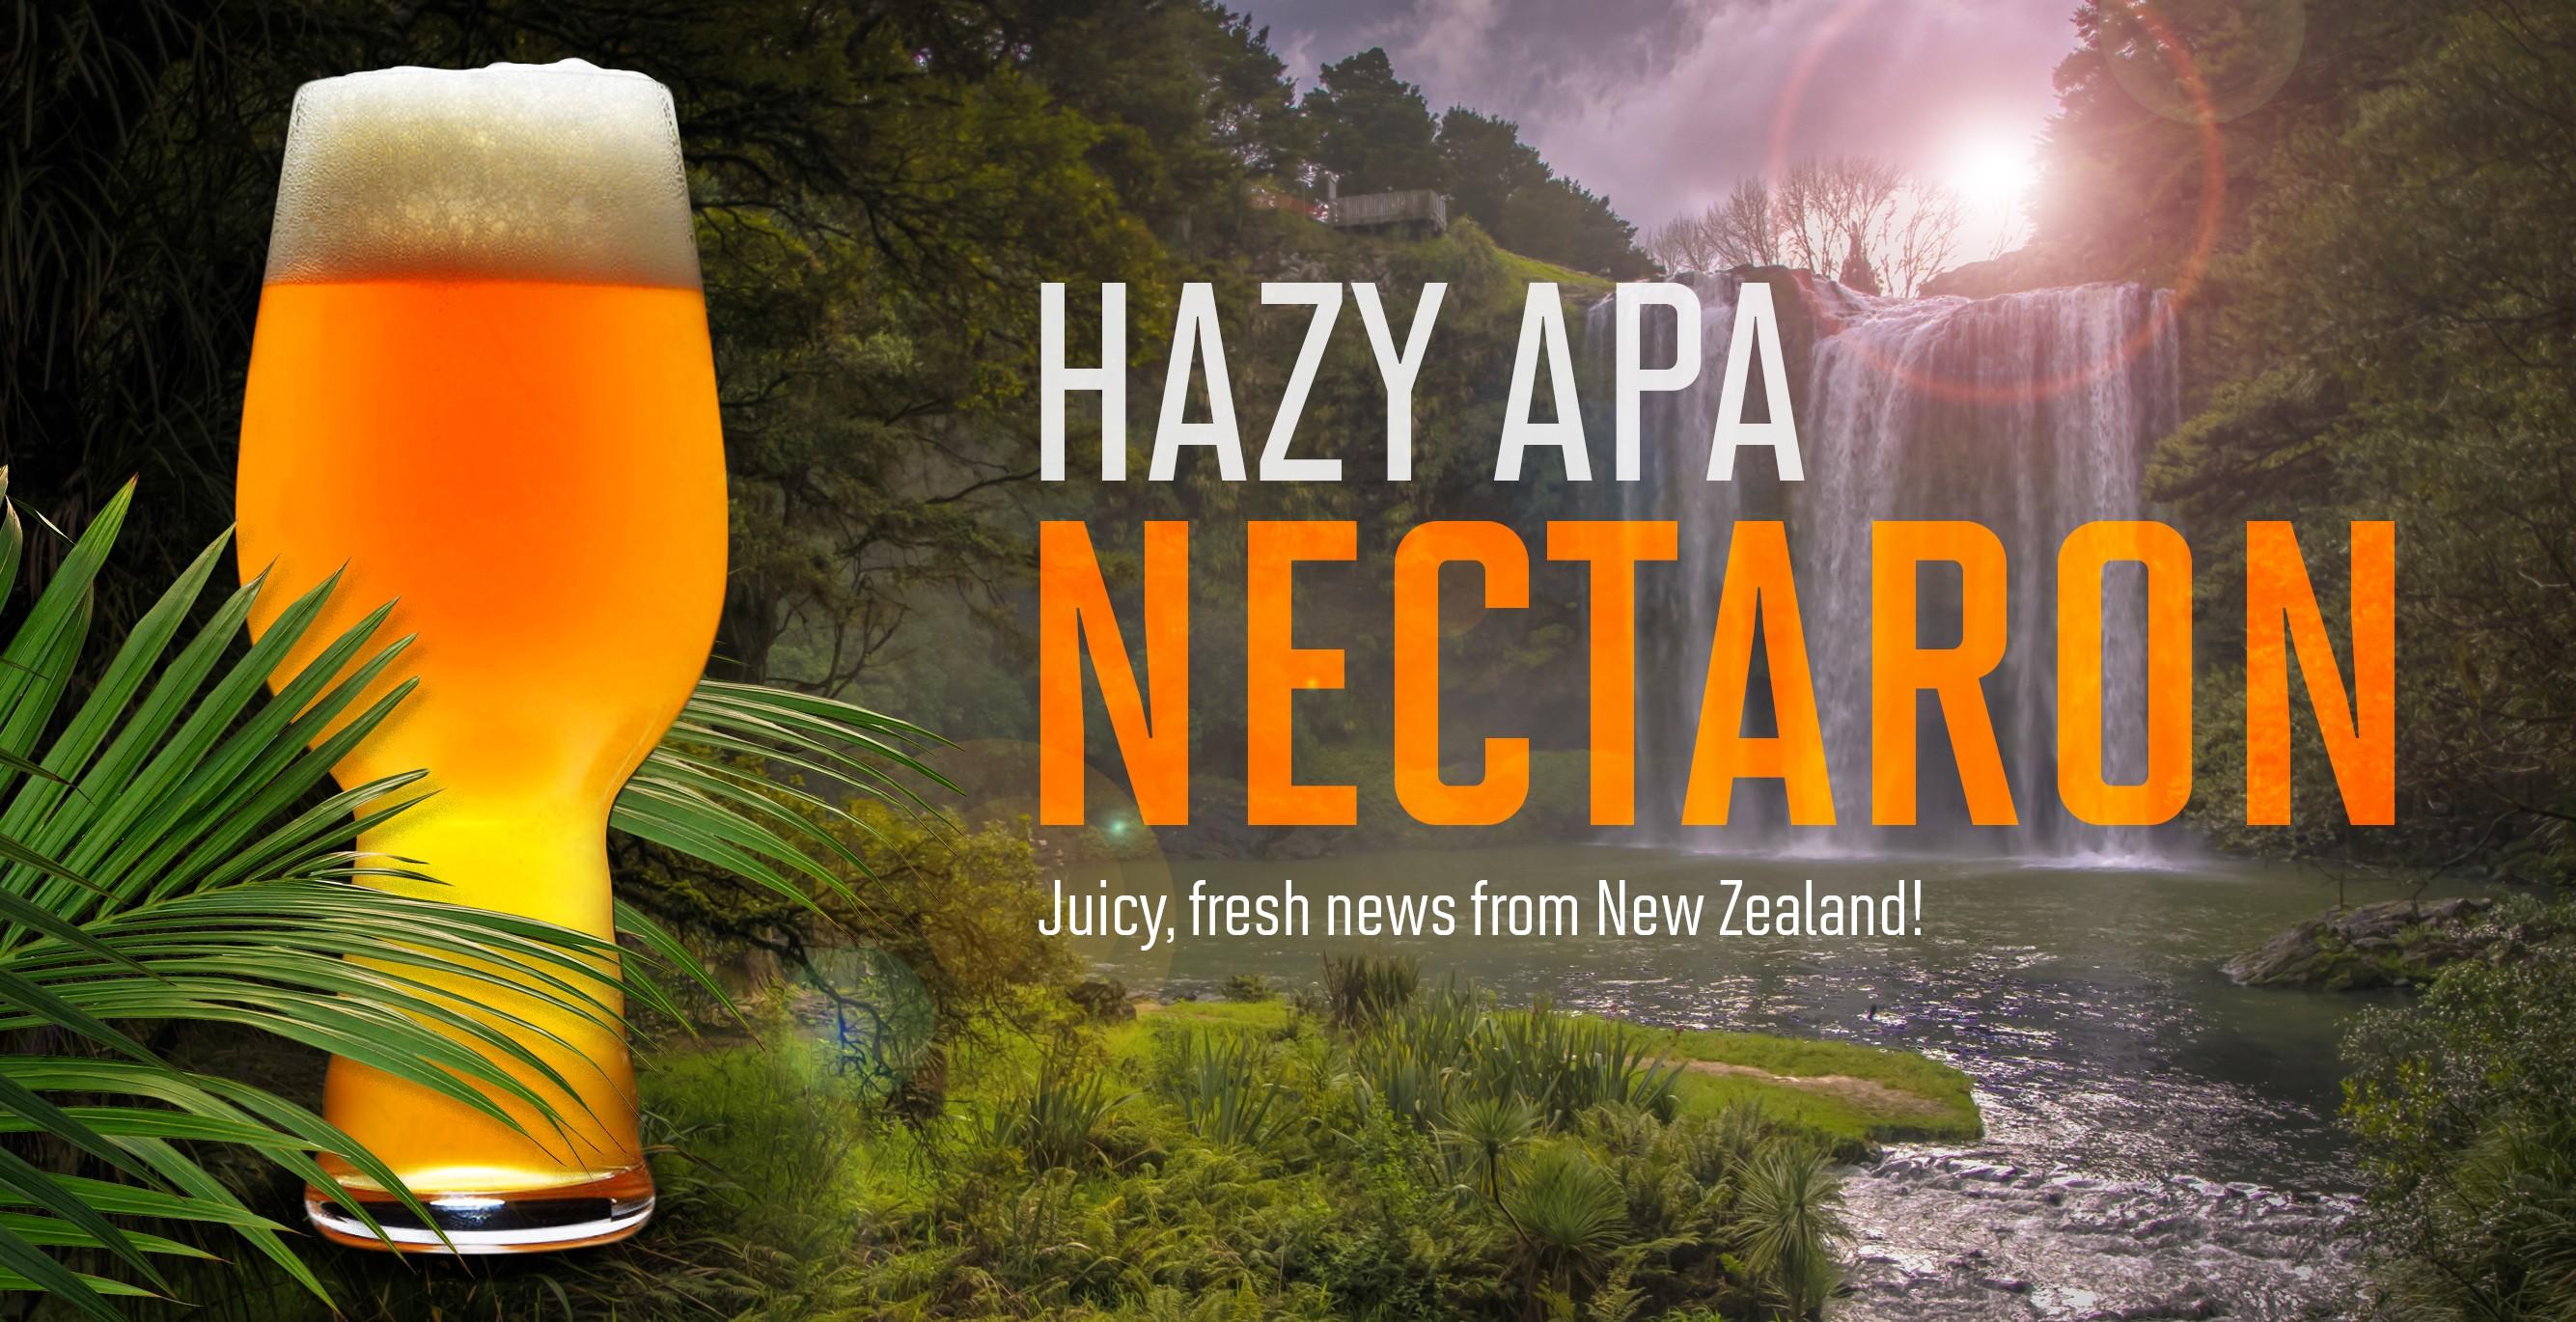 Nactaron Hazy Apa